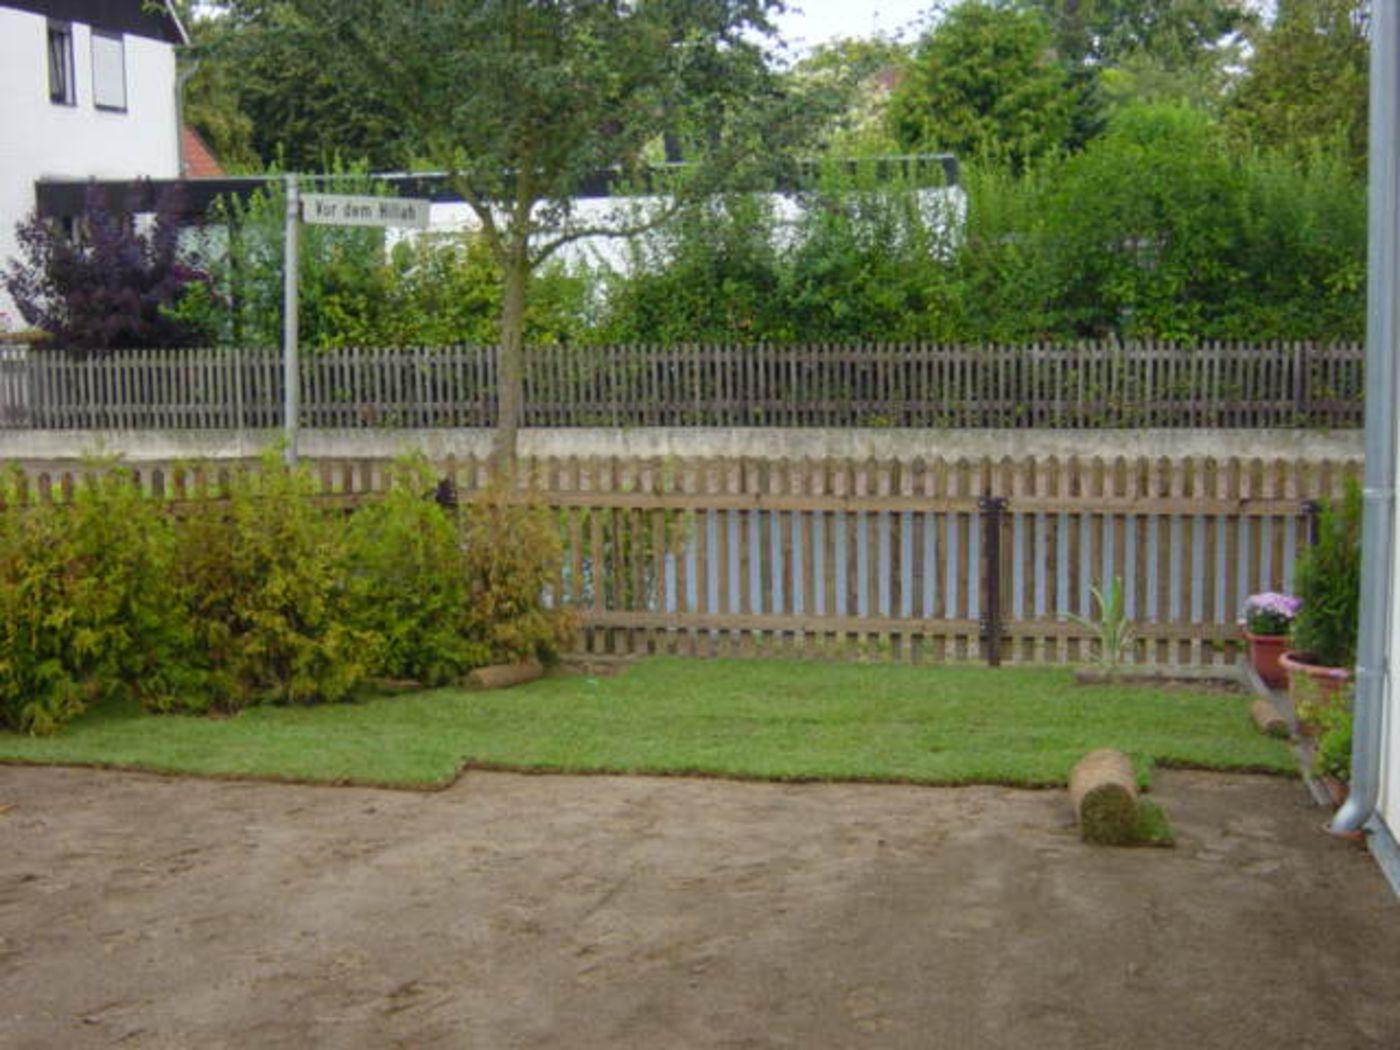 Der Garten Und Landschaftspflege Cjd Salzgitter